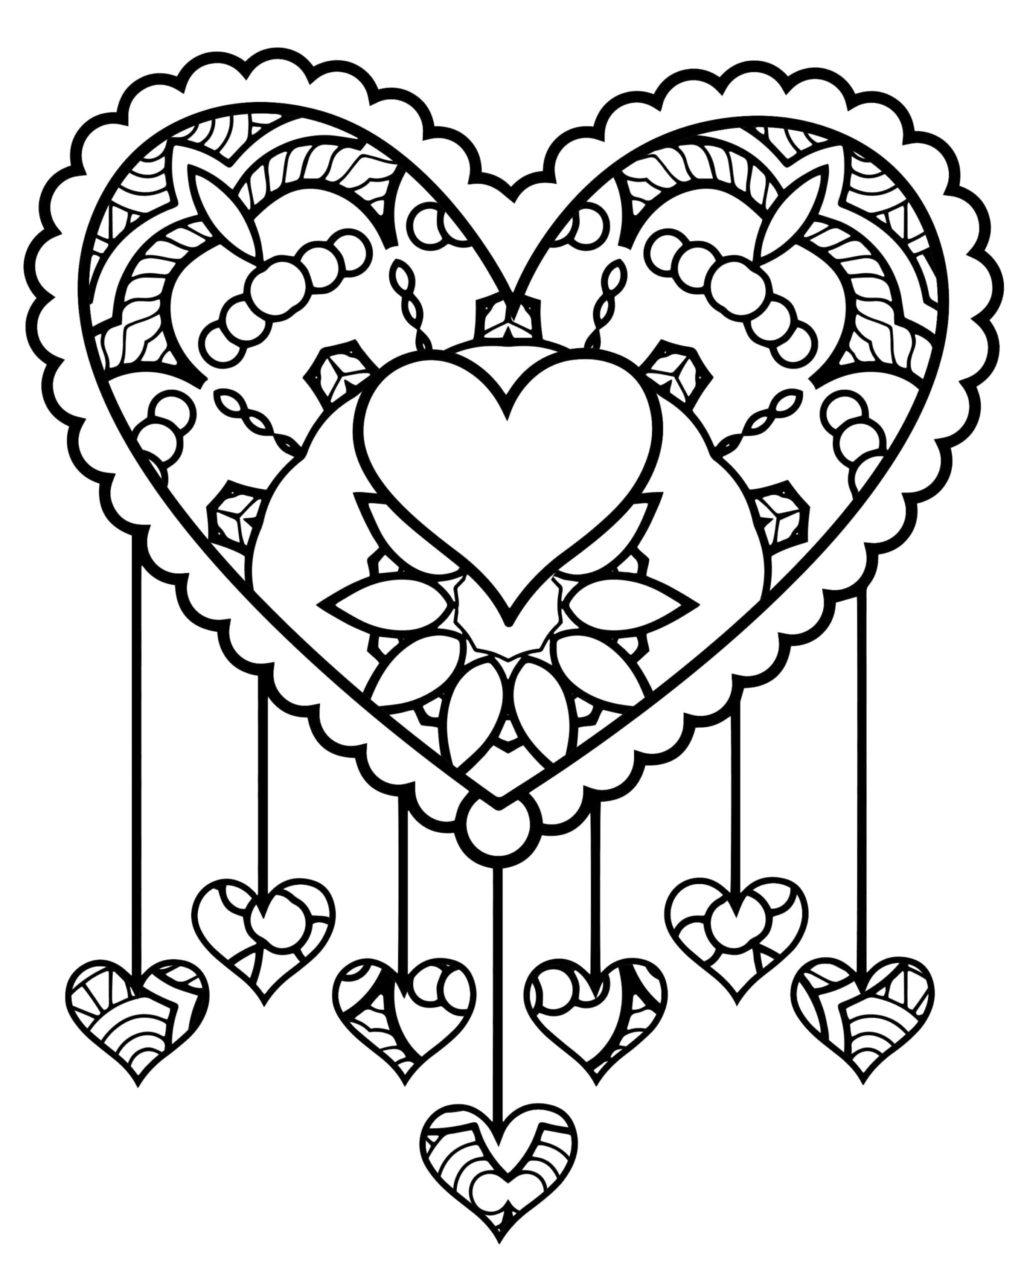 Tranh tô màu hình trái tim phức tạp